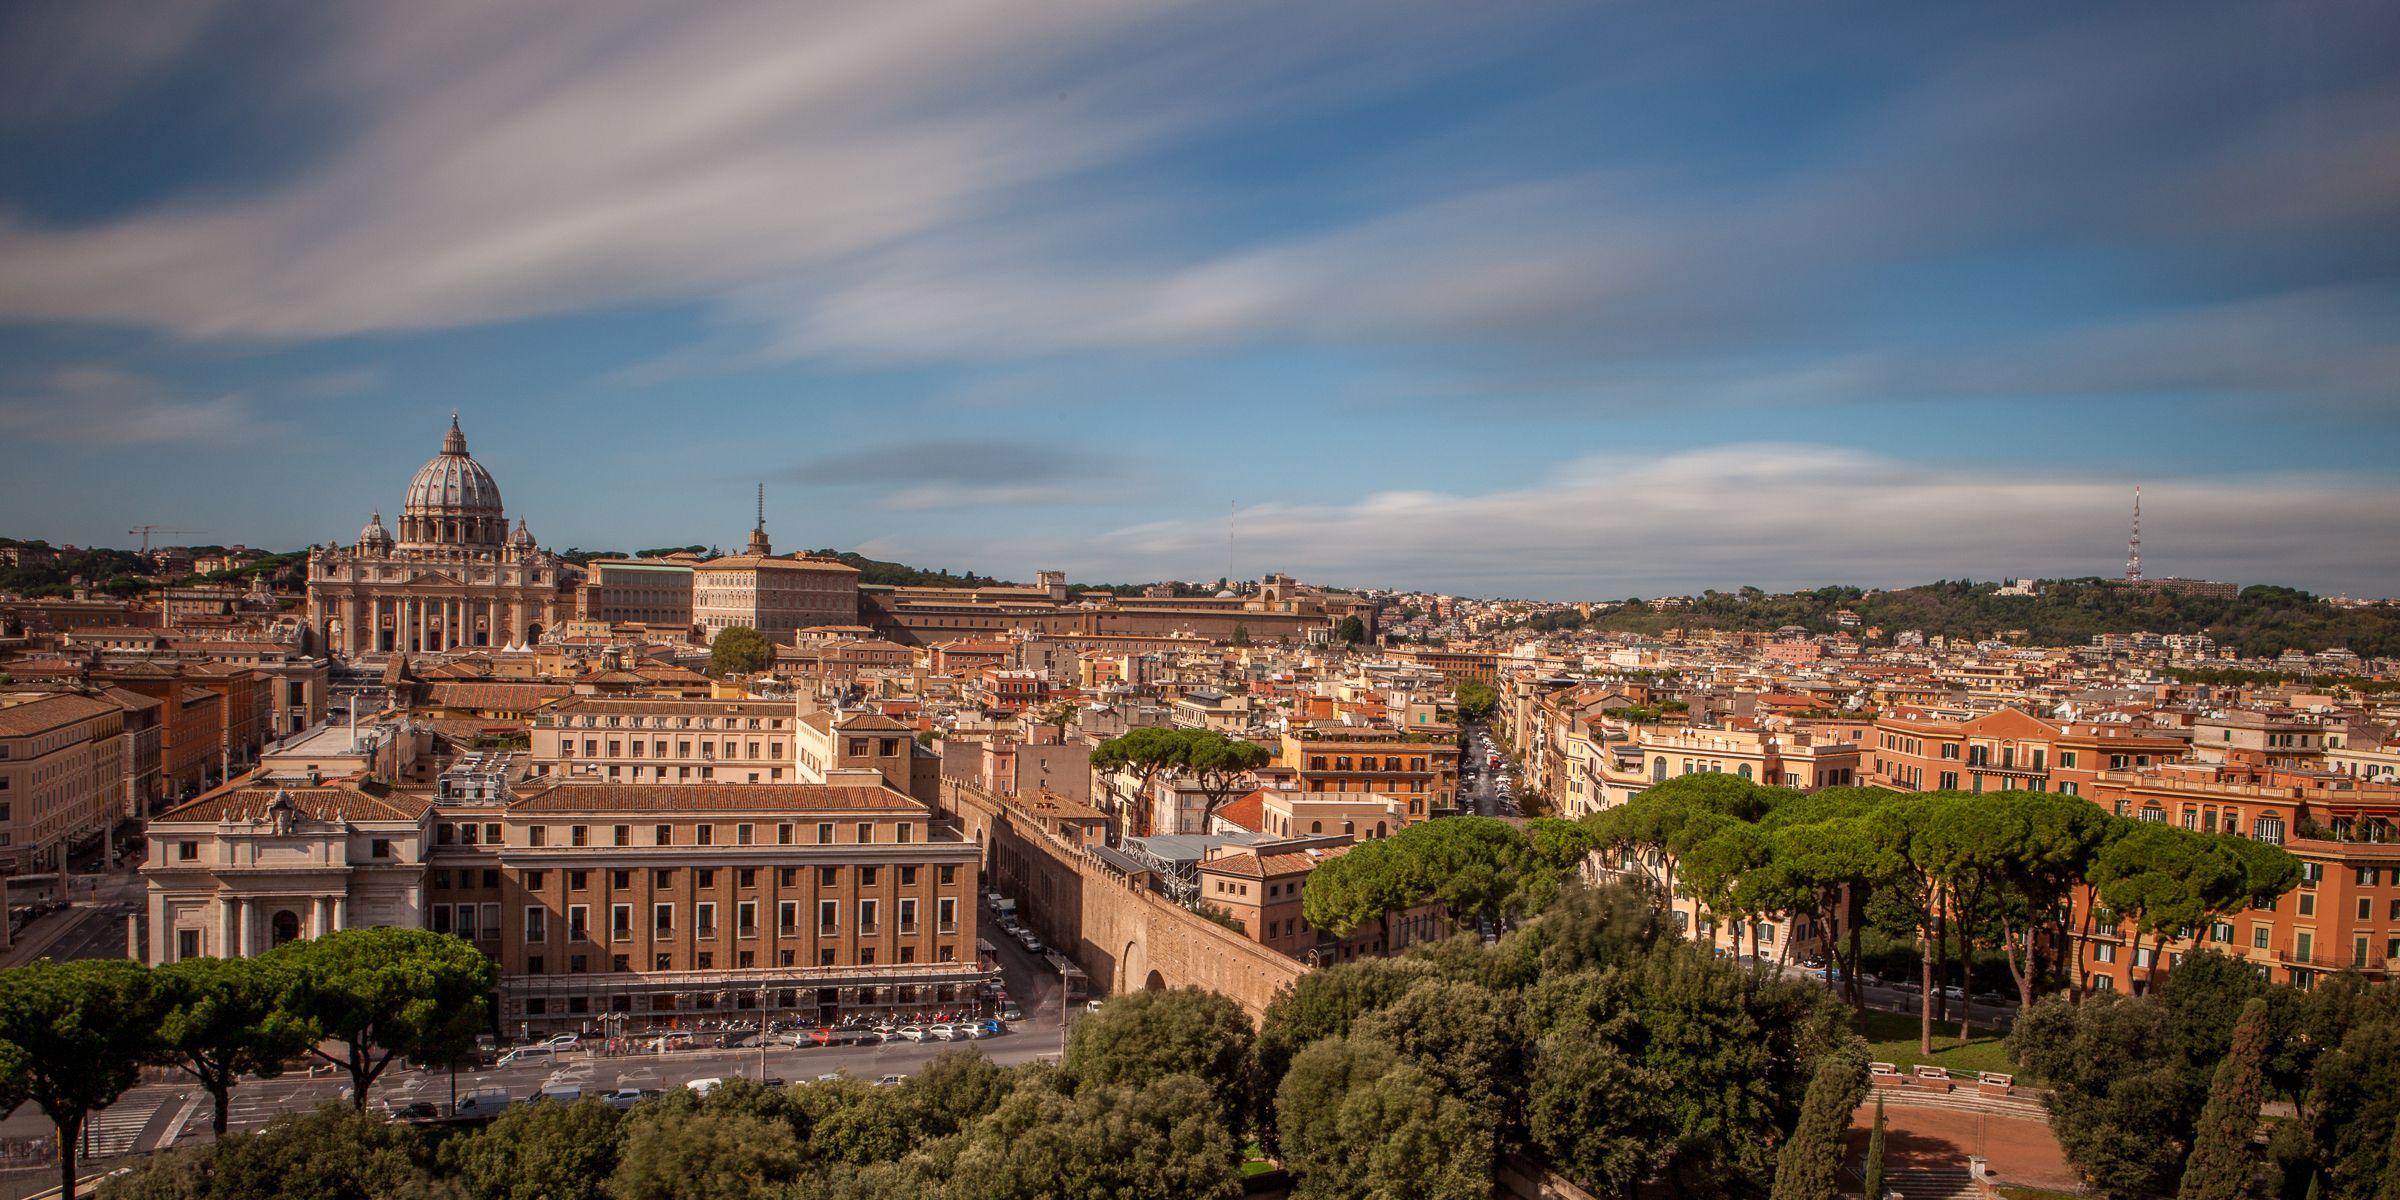 tlcharger fond decran rome - photo #21